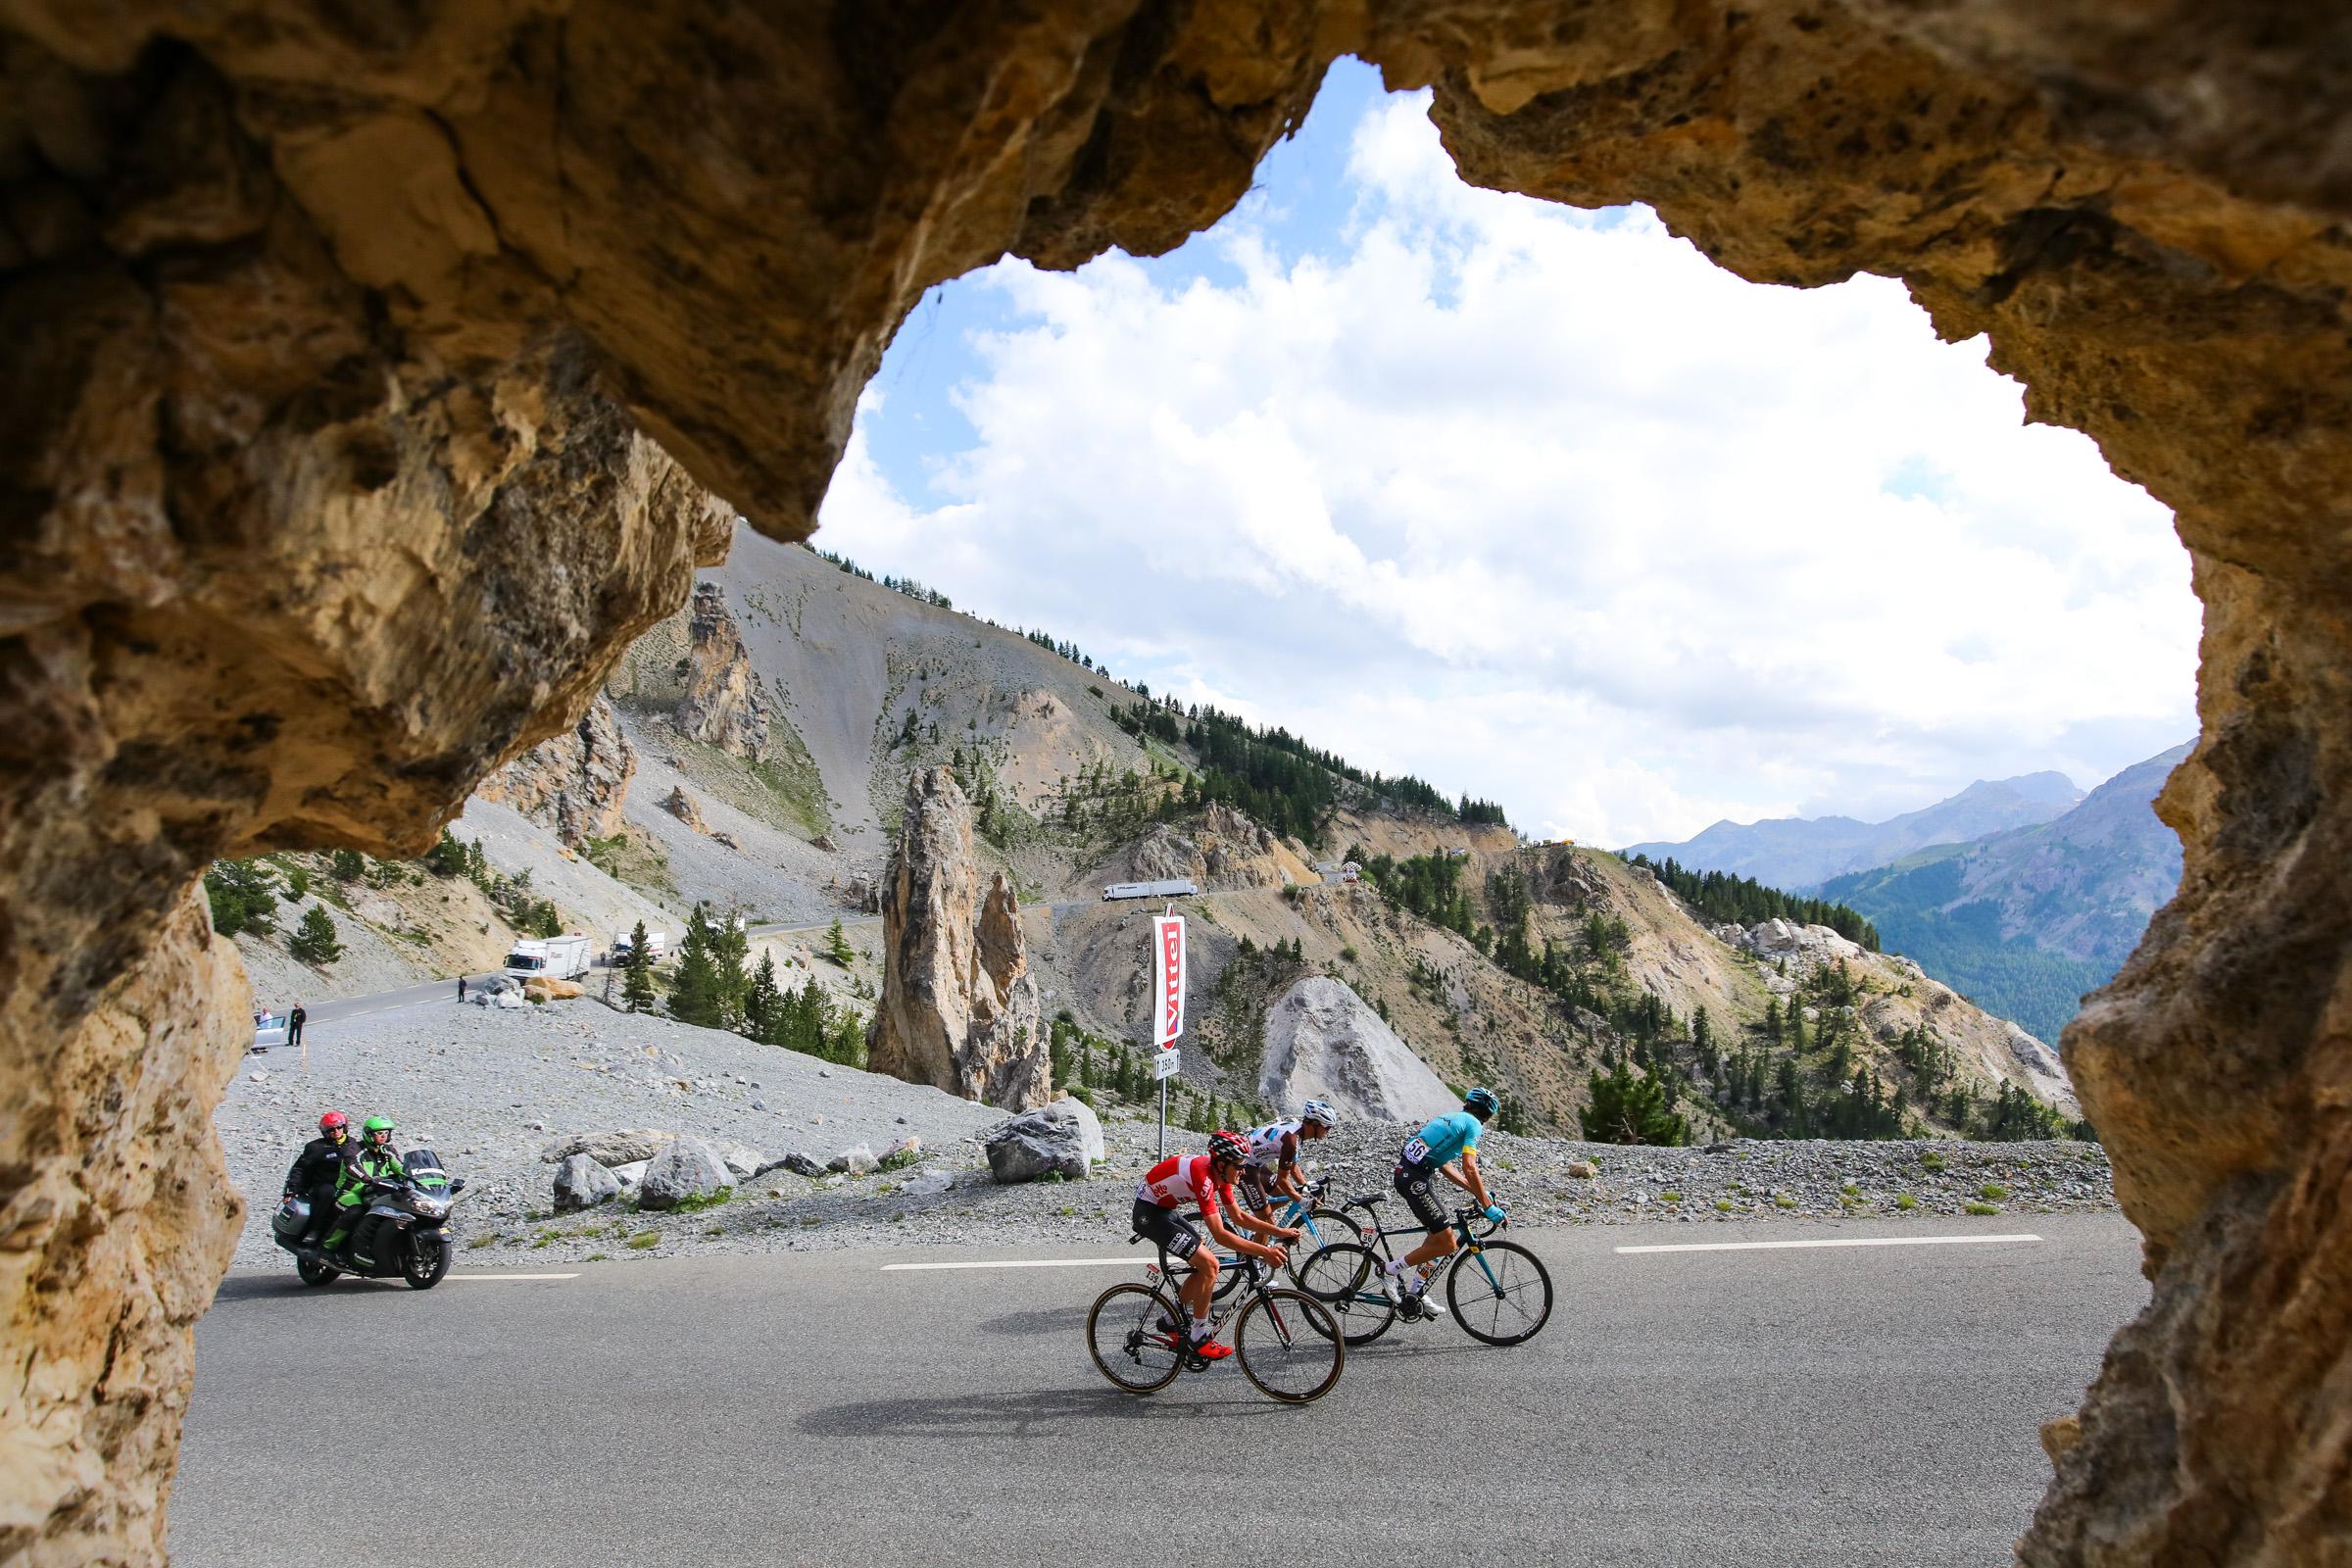 イゾアール峠を登るティエシー・ブノート(ベルギー、ロット・ソウダル)ら